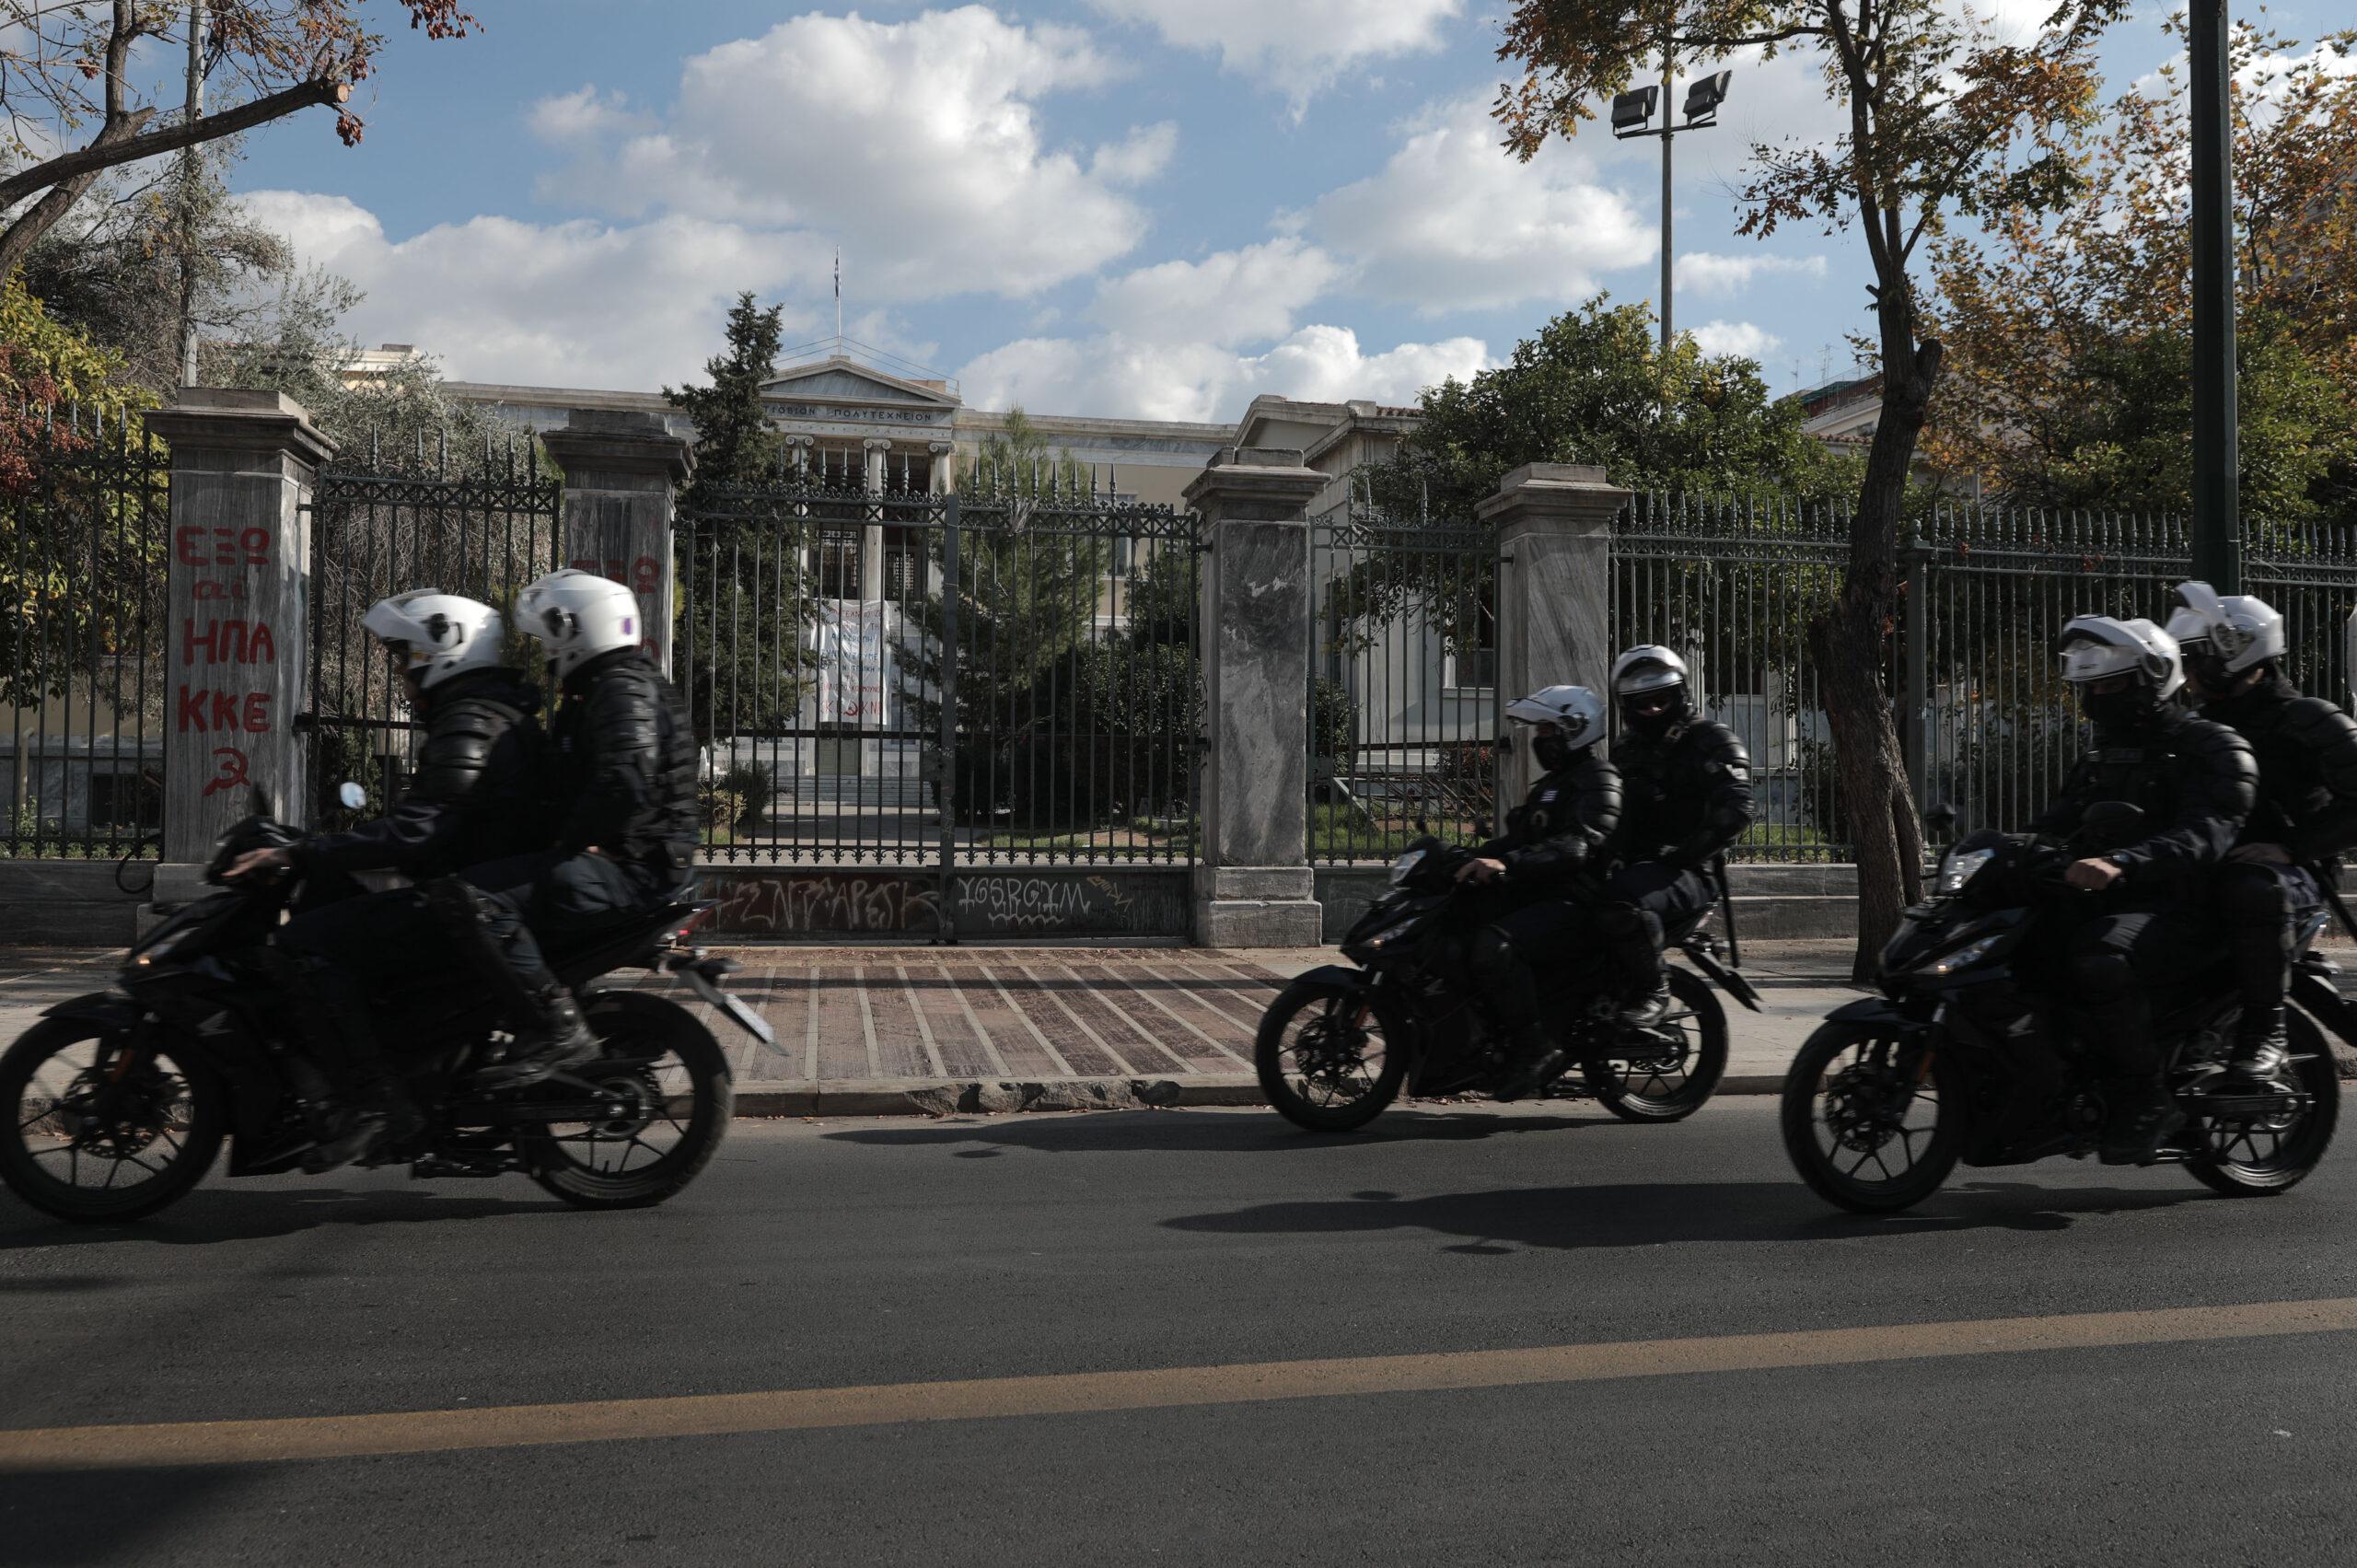 #Χρυσοχοιδη_παραιτήσου : Αστυνομικές αυθαιρεσίες και απαγόρευση συναθροίσεων με αφορμή την 17 Νοέμβρη